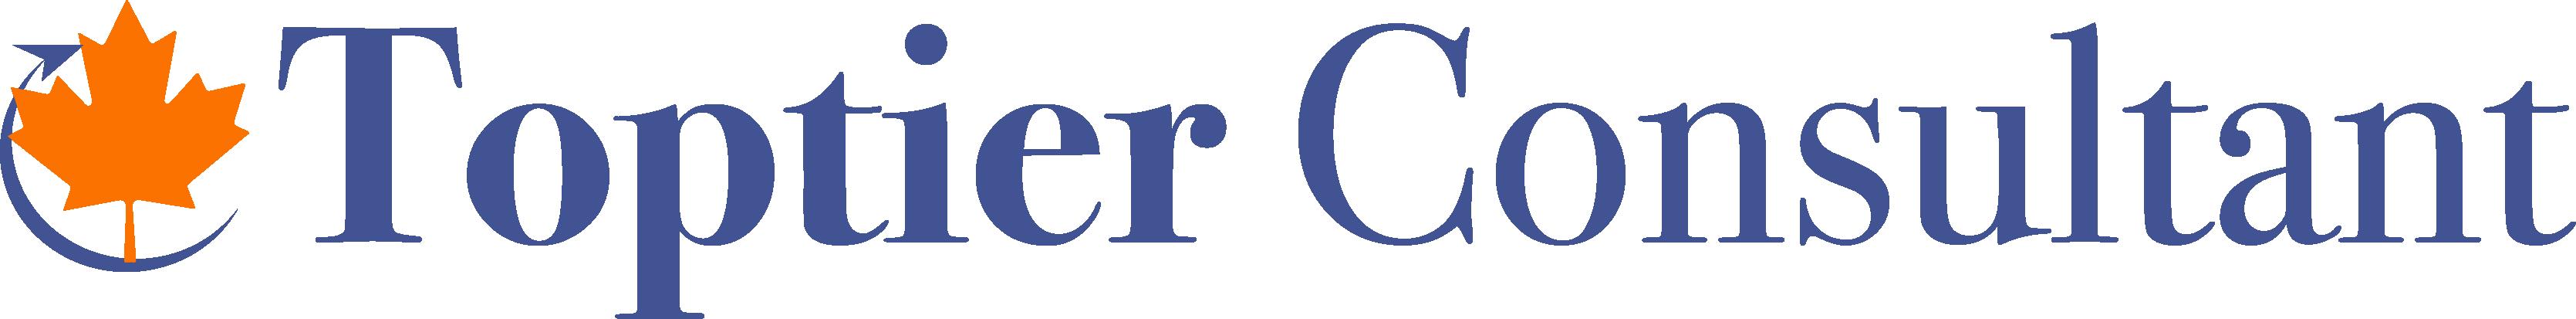 toptier-consultant-logo